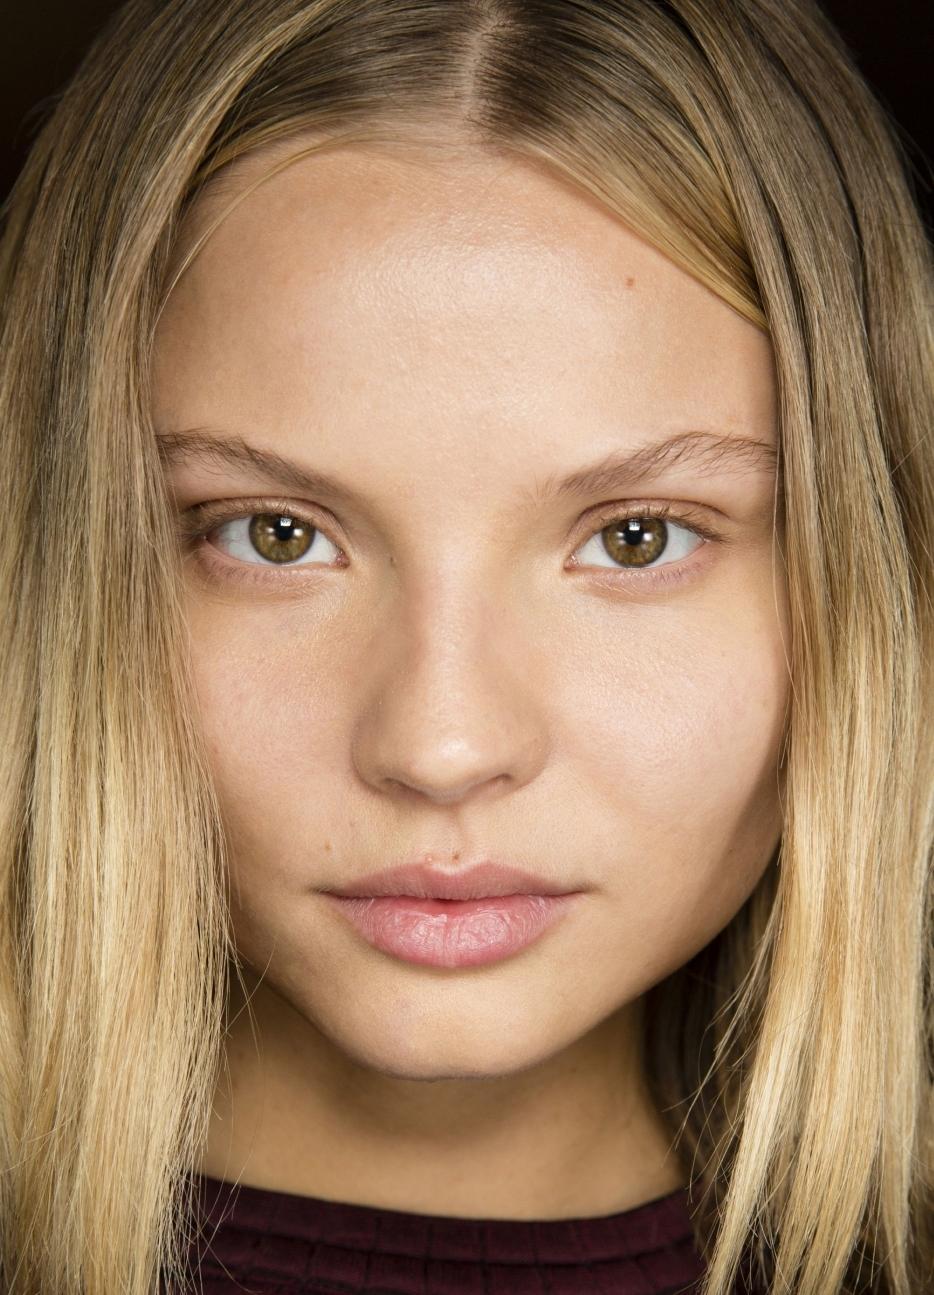 Фото девушек с естественной внешностью